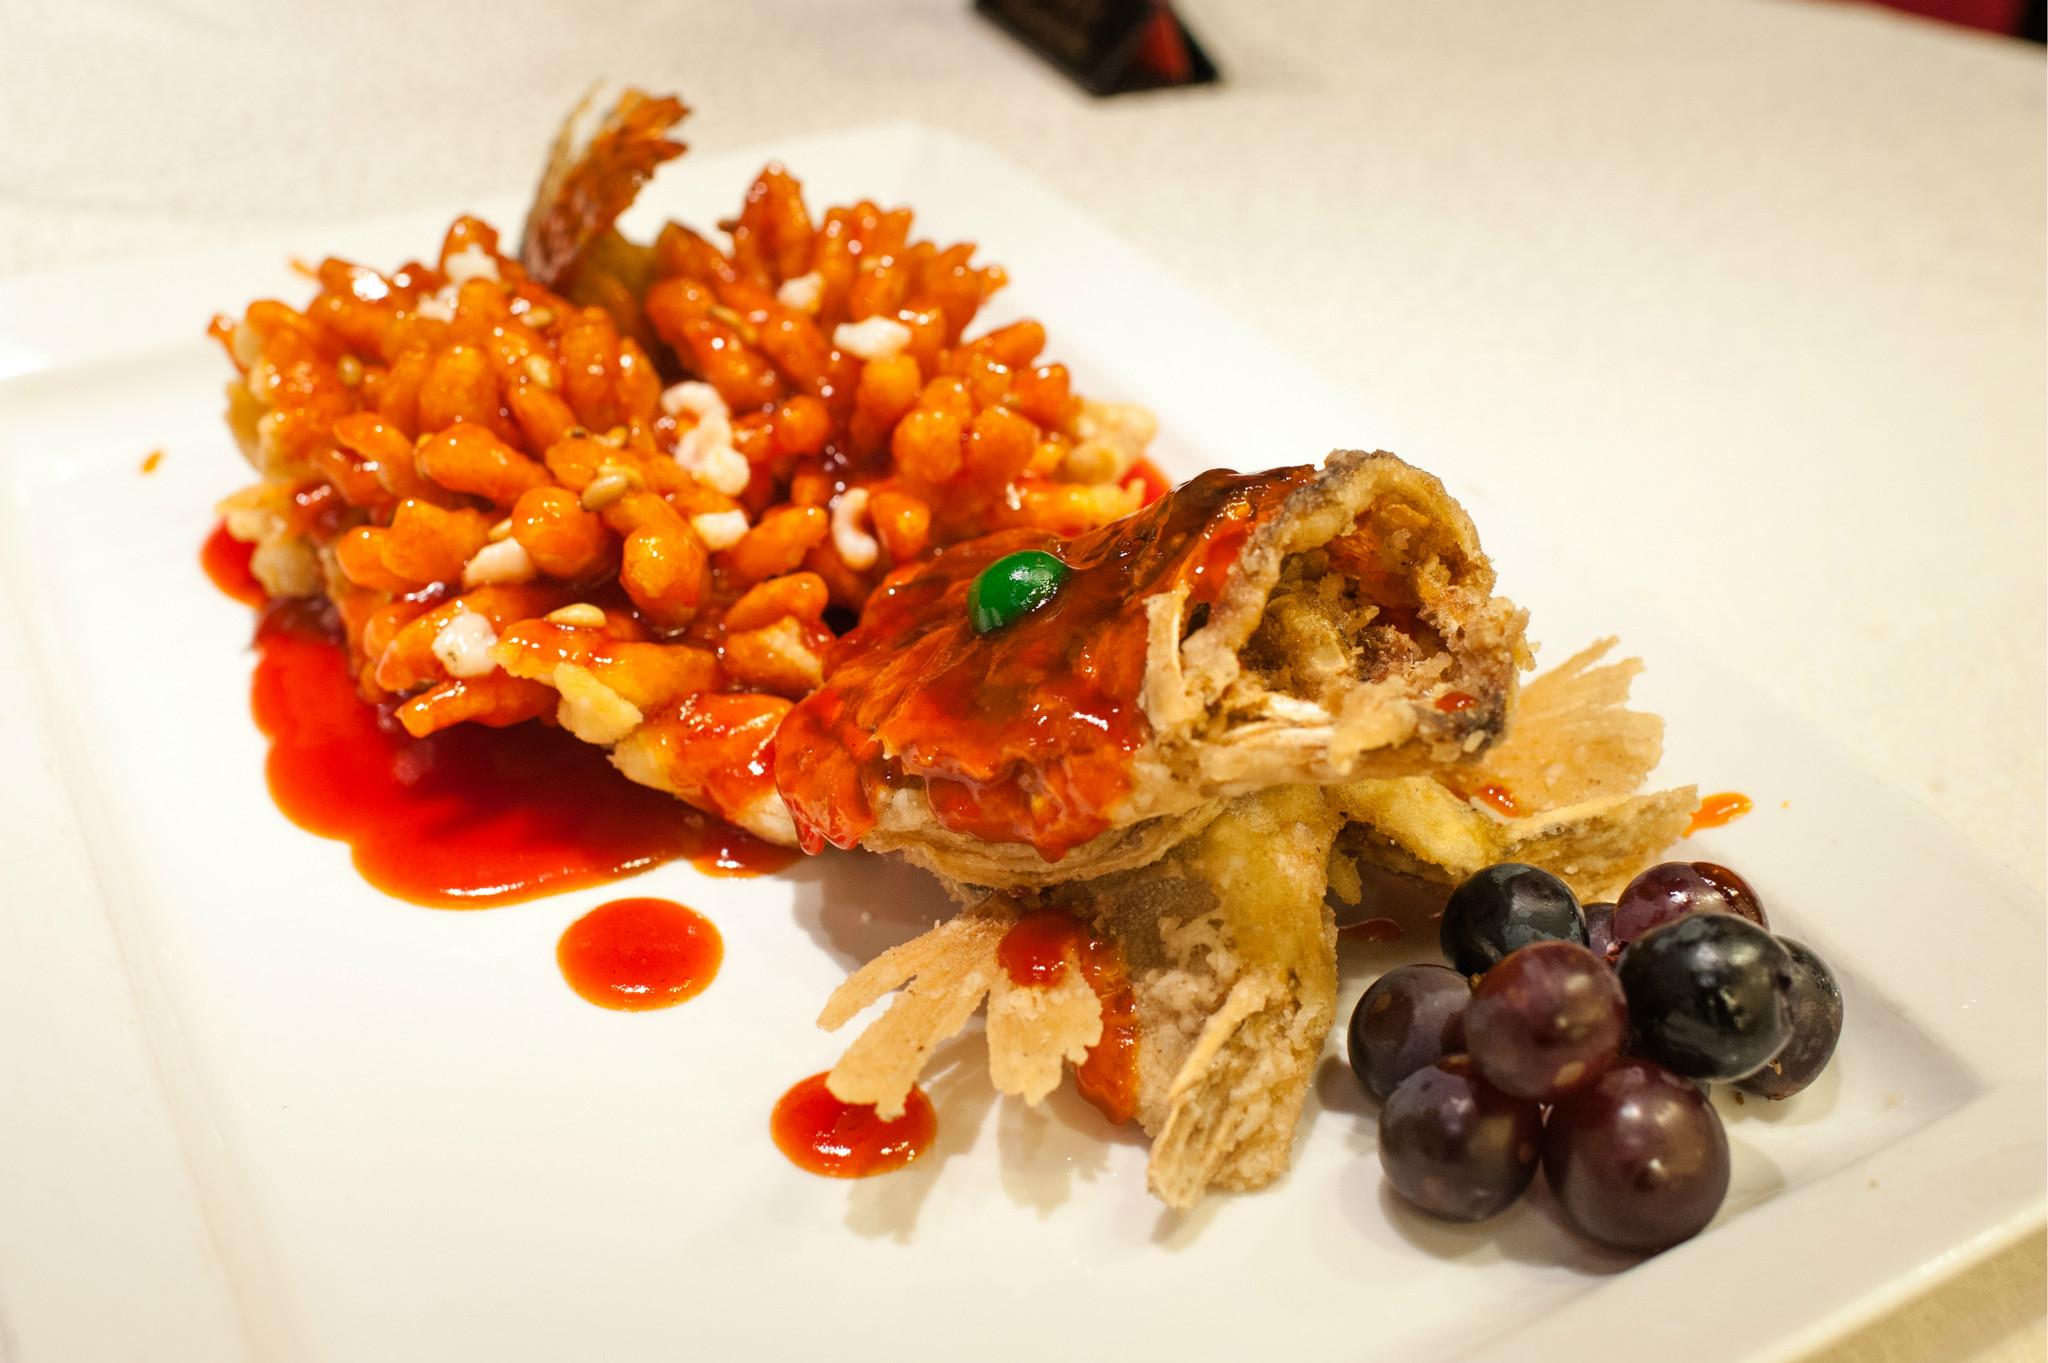 苏州有什么传统名菜,苏州名菜有哪些,苏州必吃的名菜是什么